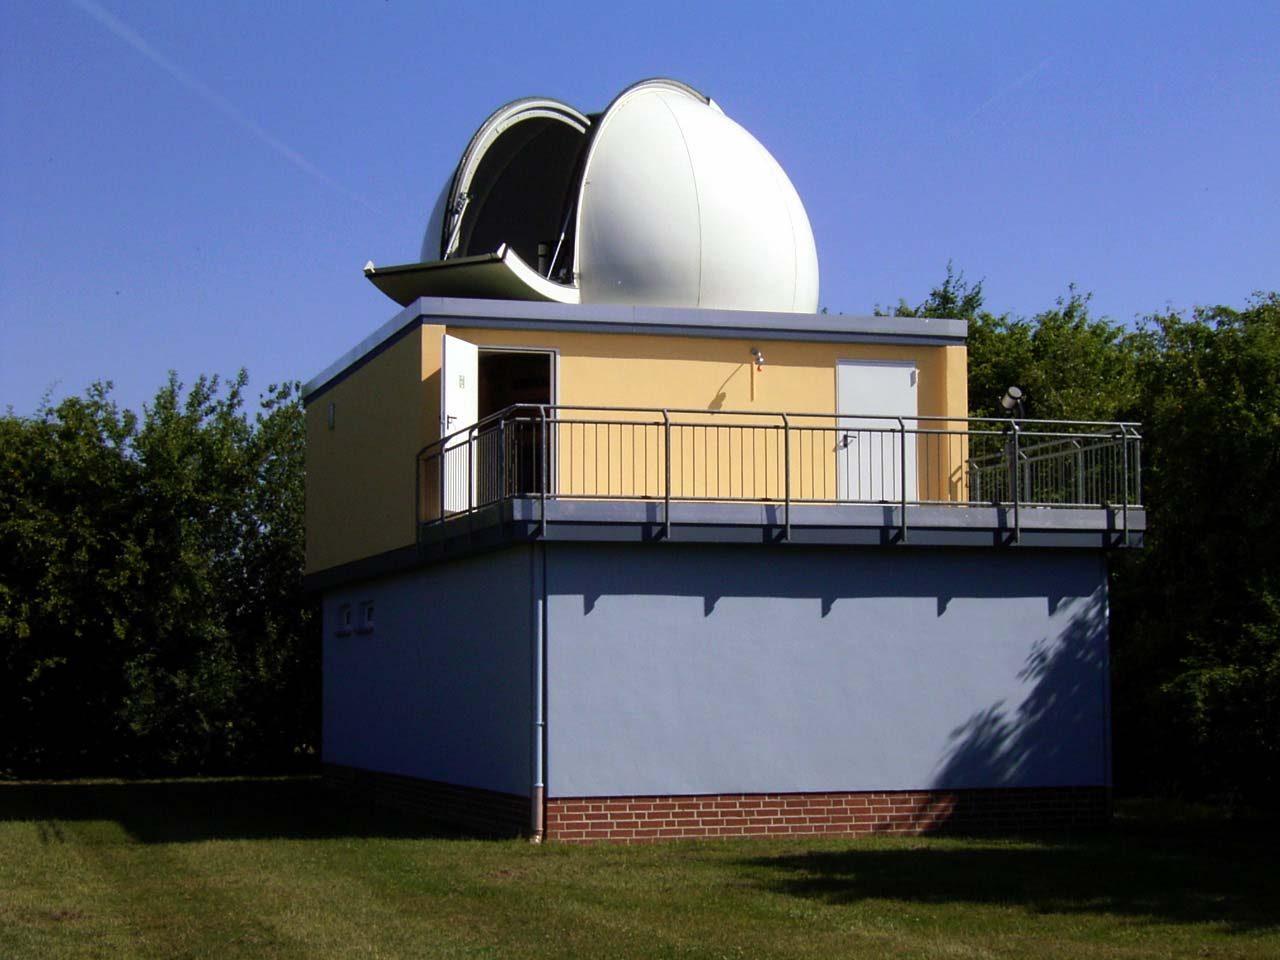 """Die """"Sternwarte Braunschweig-Hondelage"""" erwartet ihre Gäste: Foto Michael Schomann"""